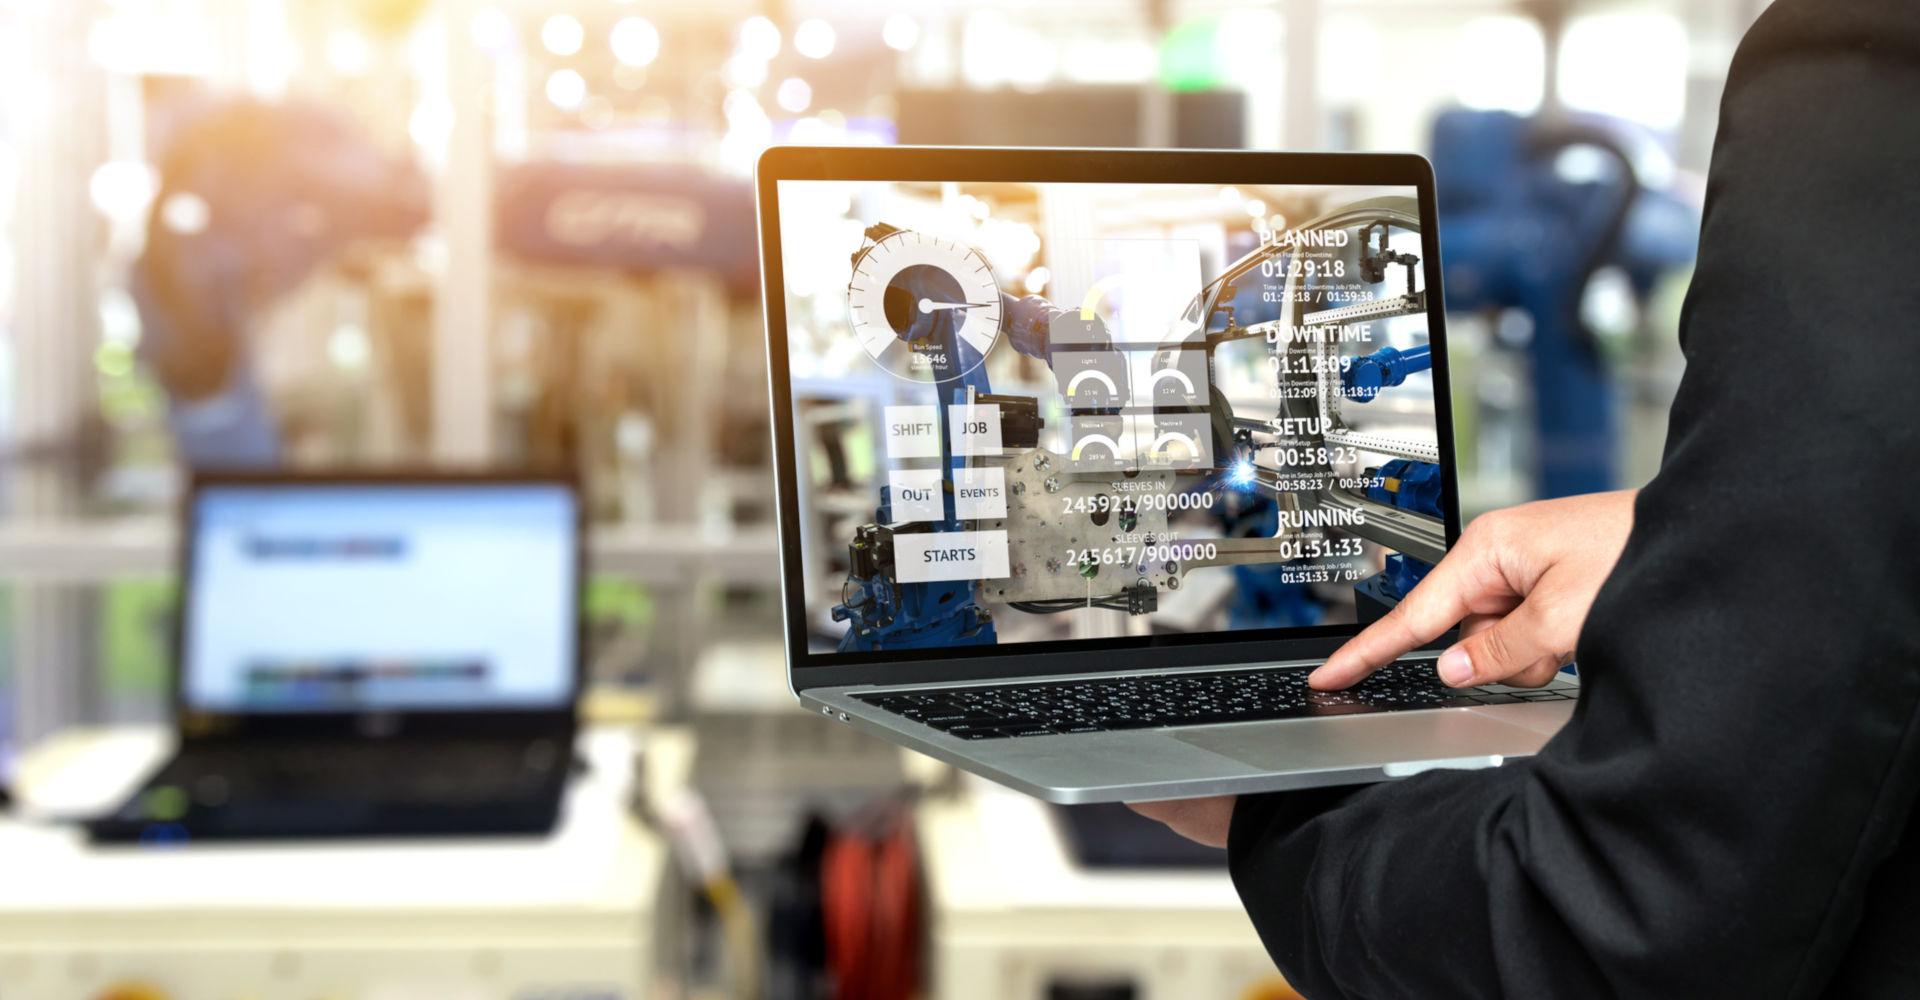 Ein Laptop mit Windows 10 IoT Enterprise überwacht eine Industrieanlage